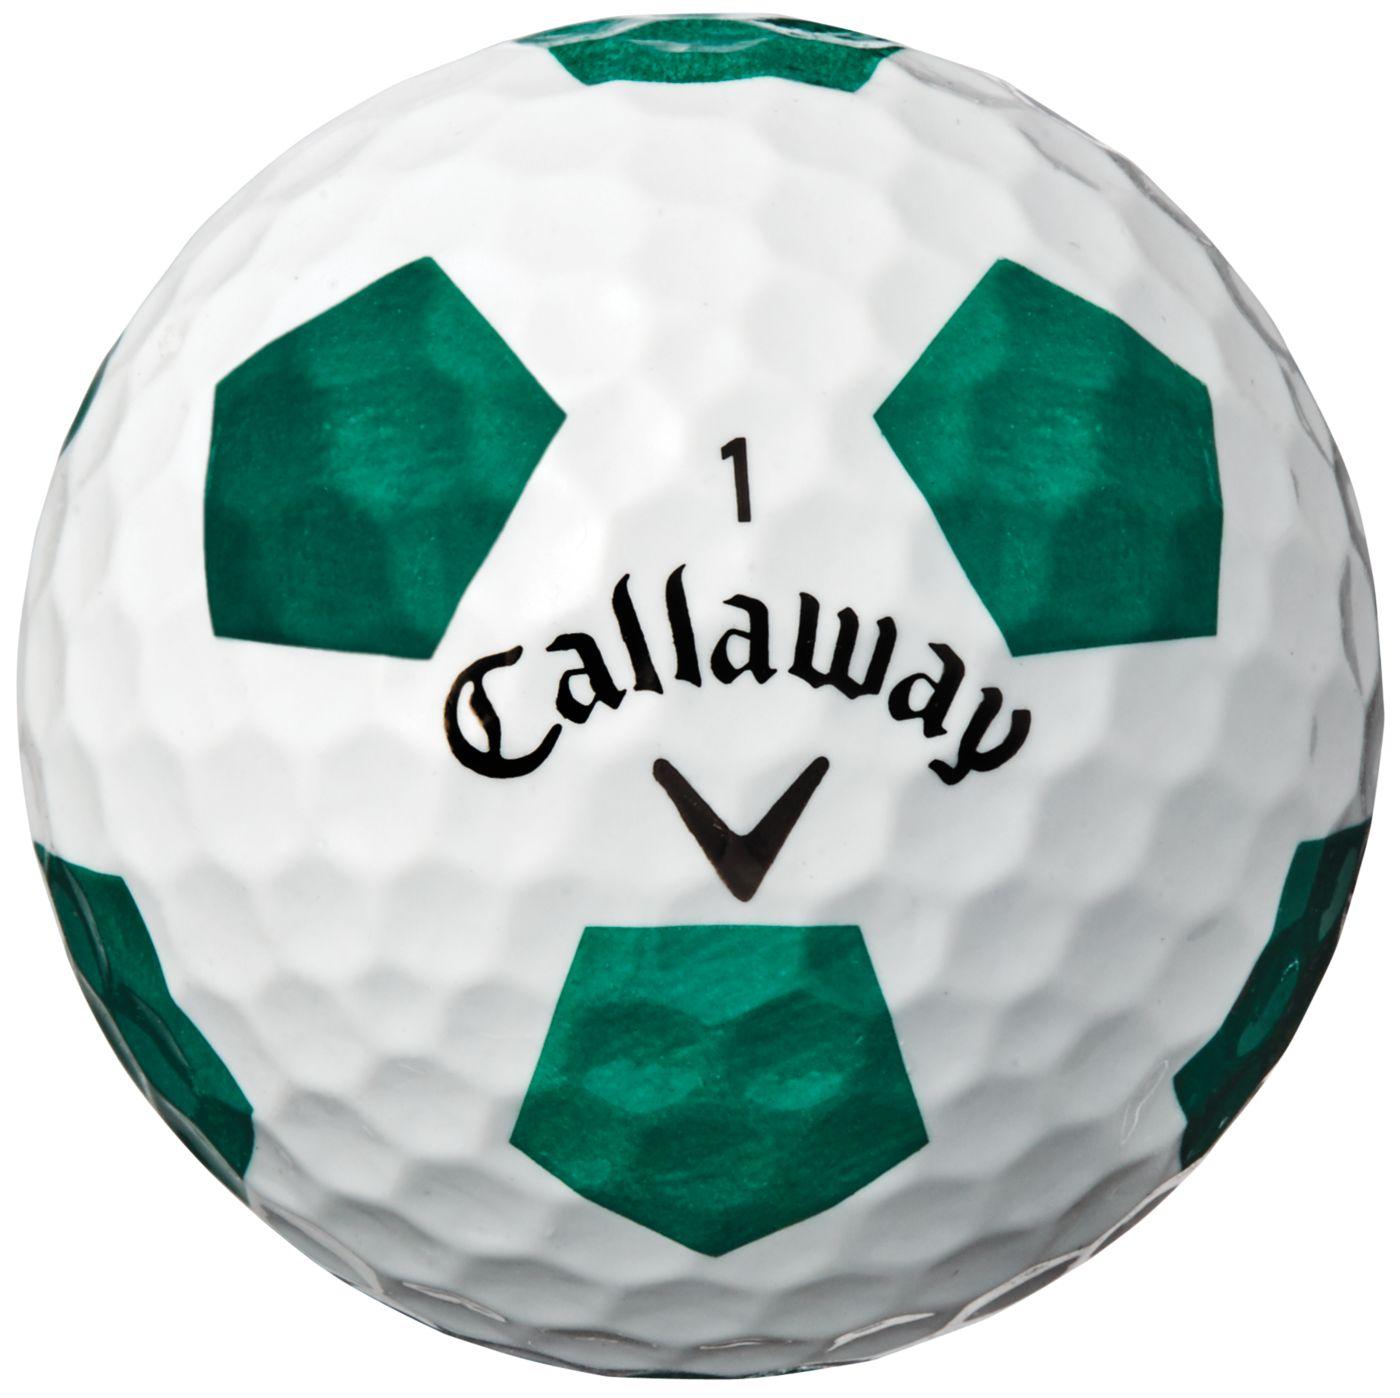 Callaway 2018 Chrome Soft X Truvis Green Golf Balls – Sports Matter Special Edition